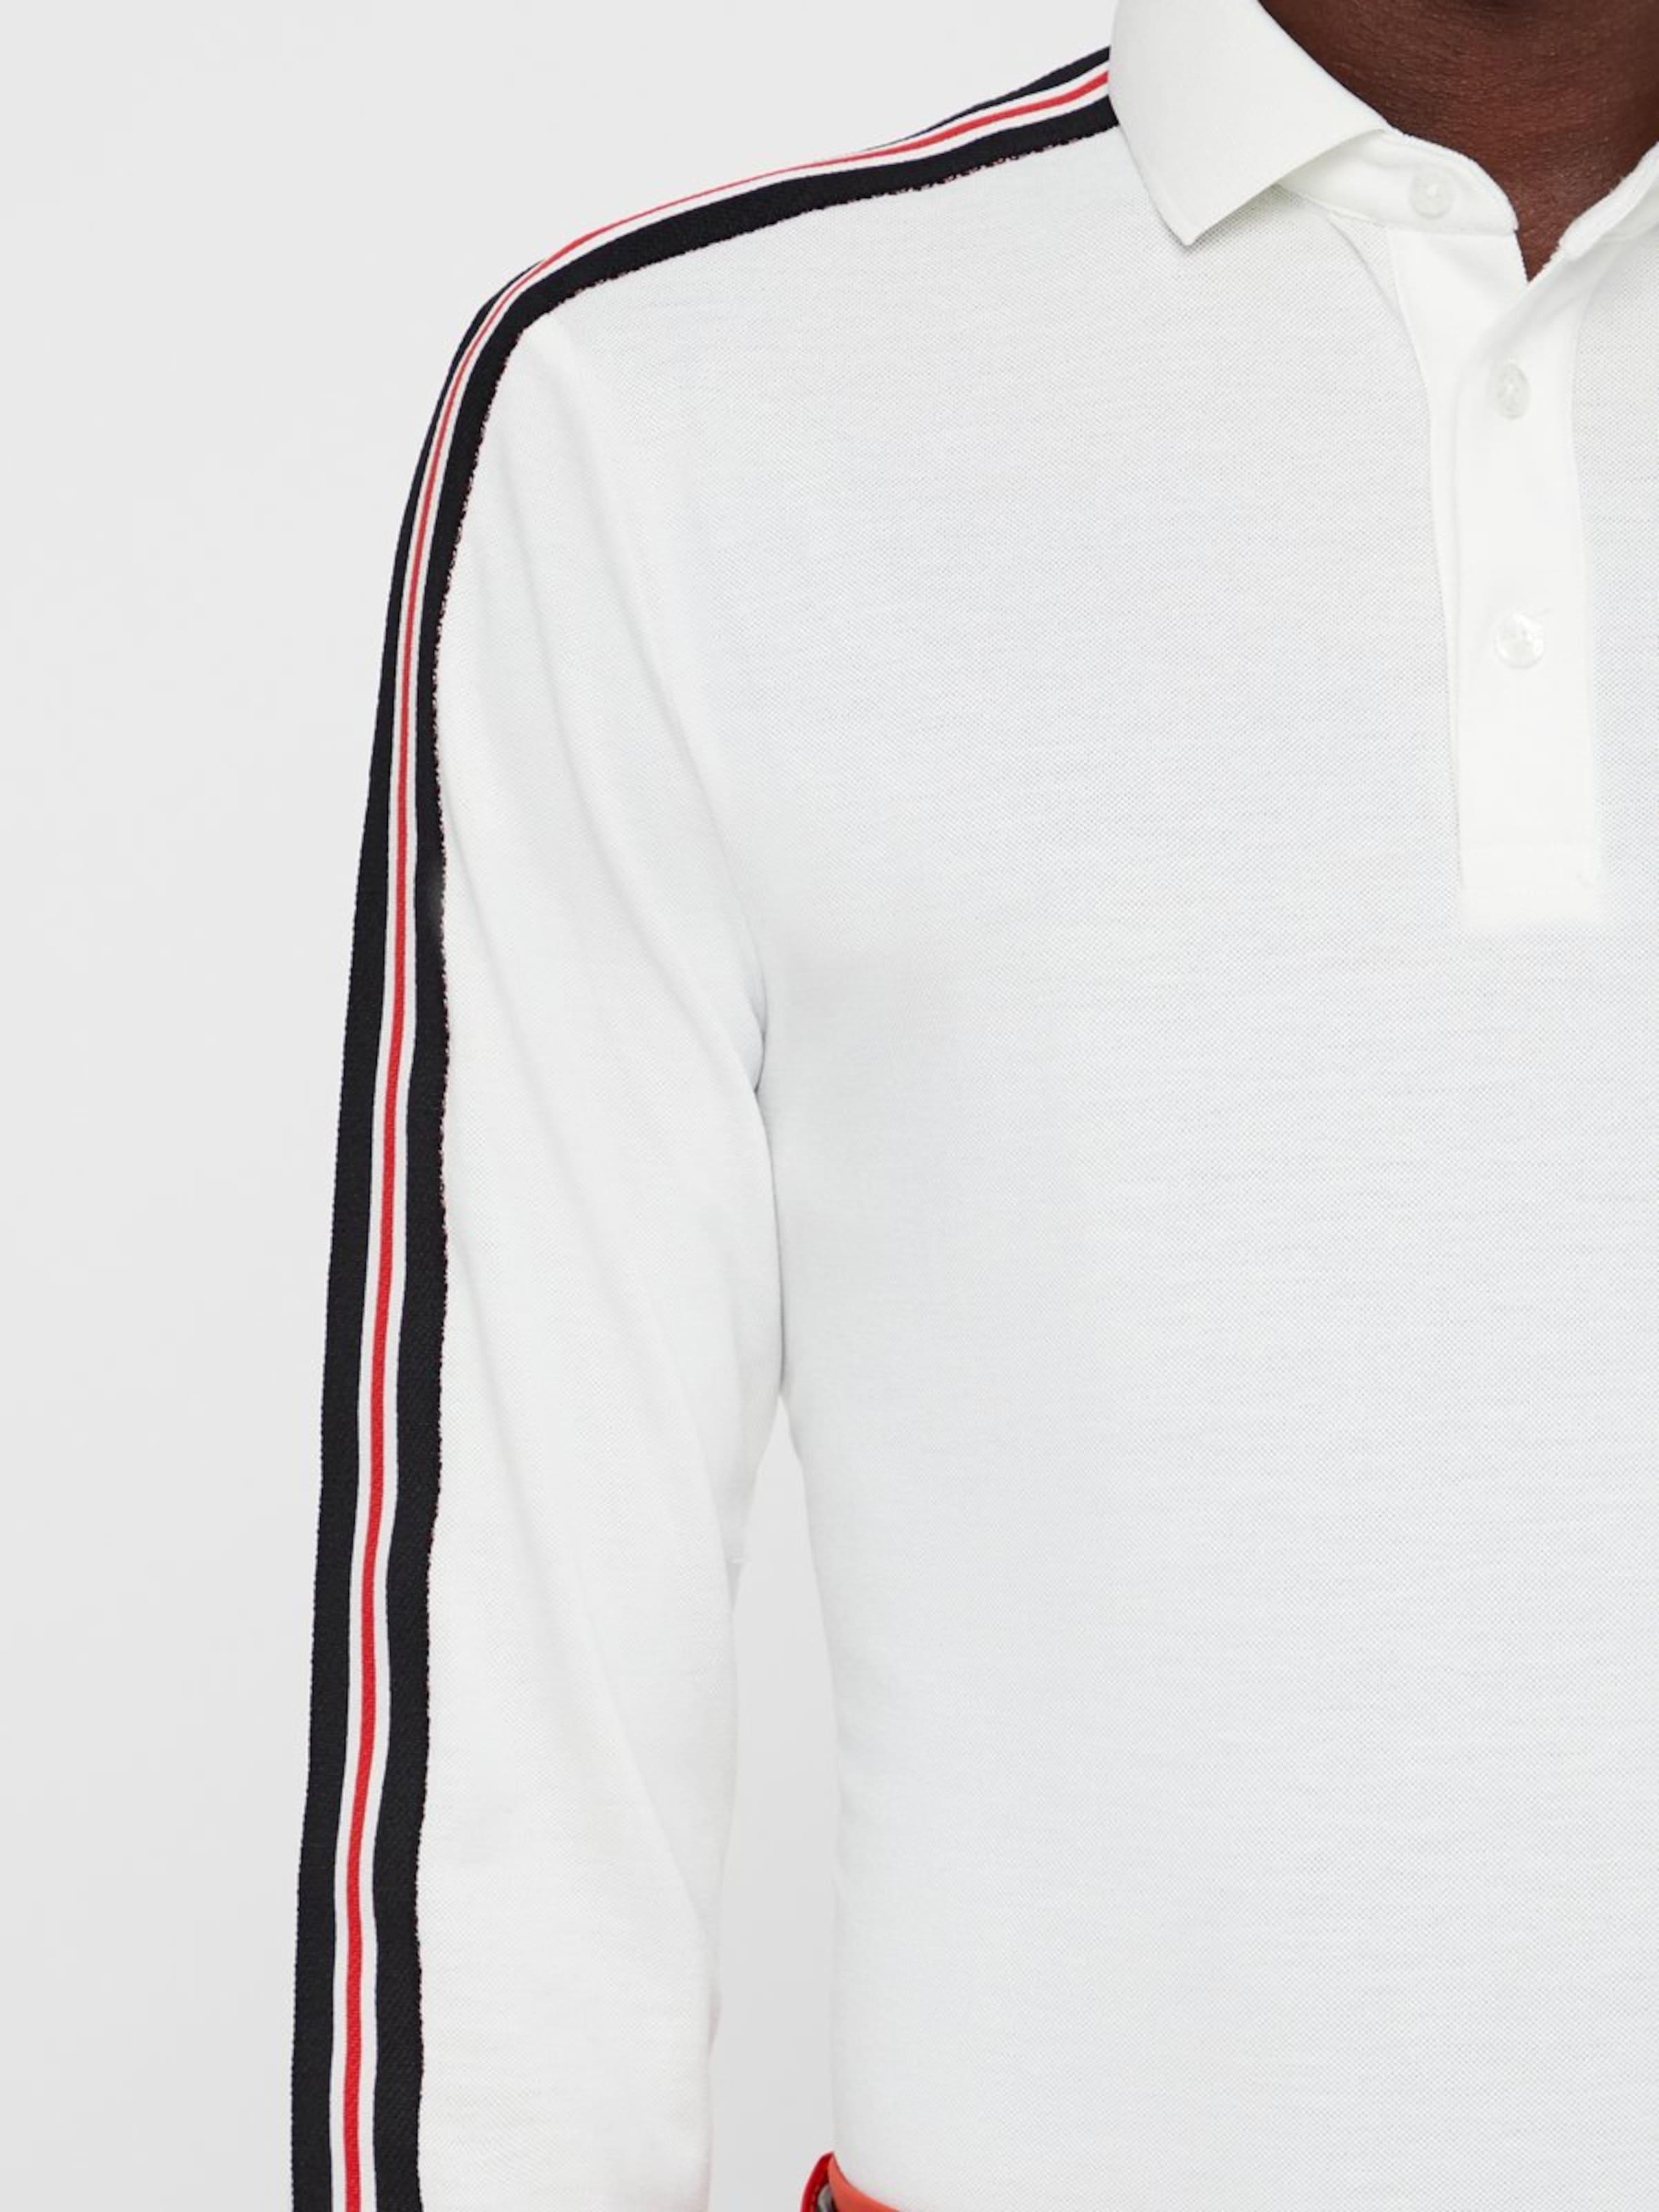 T J shirt RougeNoir lindeberg Pique' Blanc 'cool En 4L5RqA3j